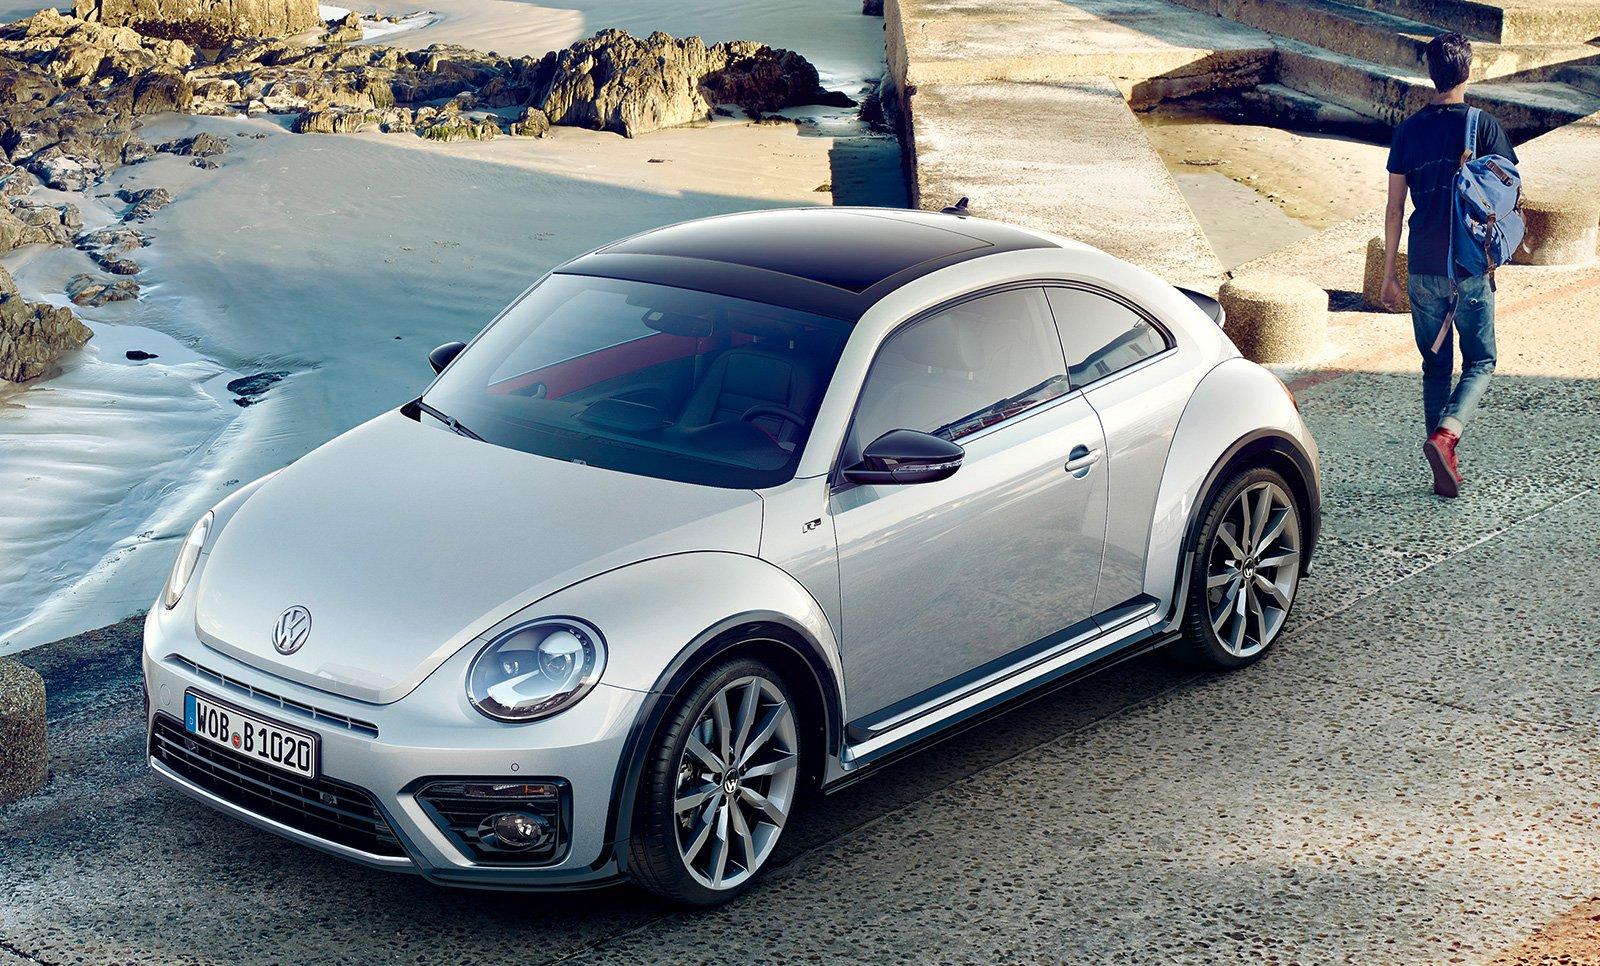 2016 VW Beetle - Bug gets mild update, R-Line trim